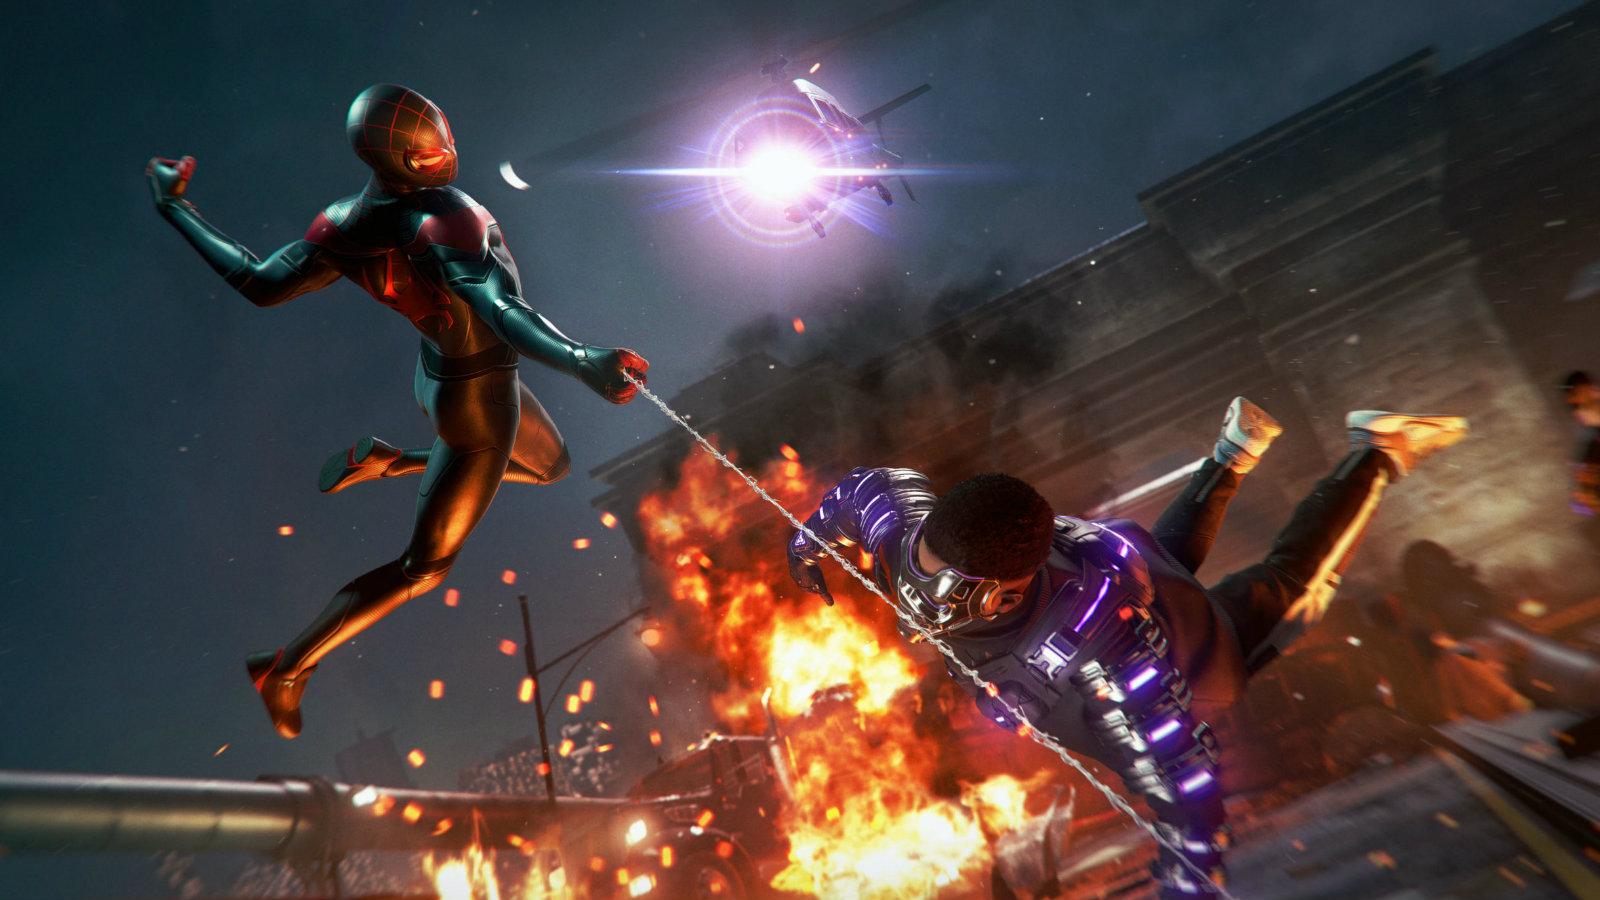 Spider-Man battles The Underground